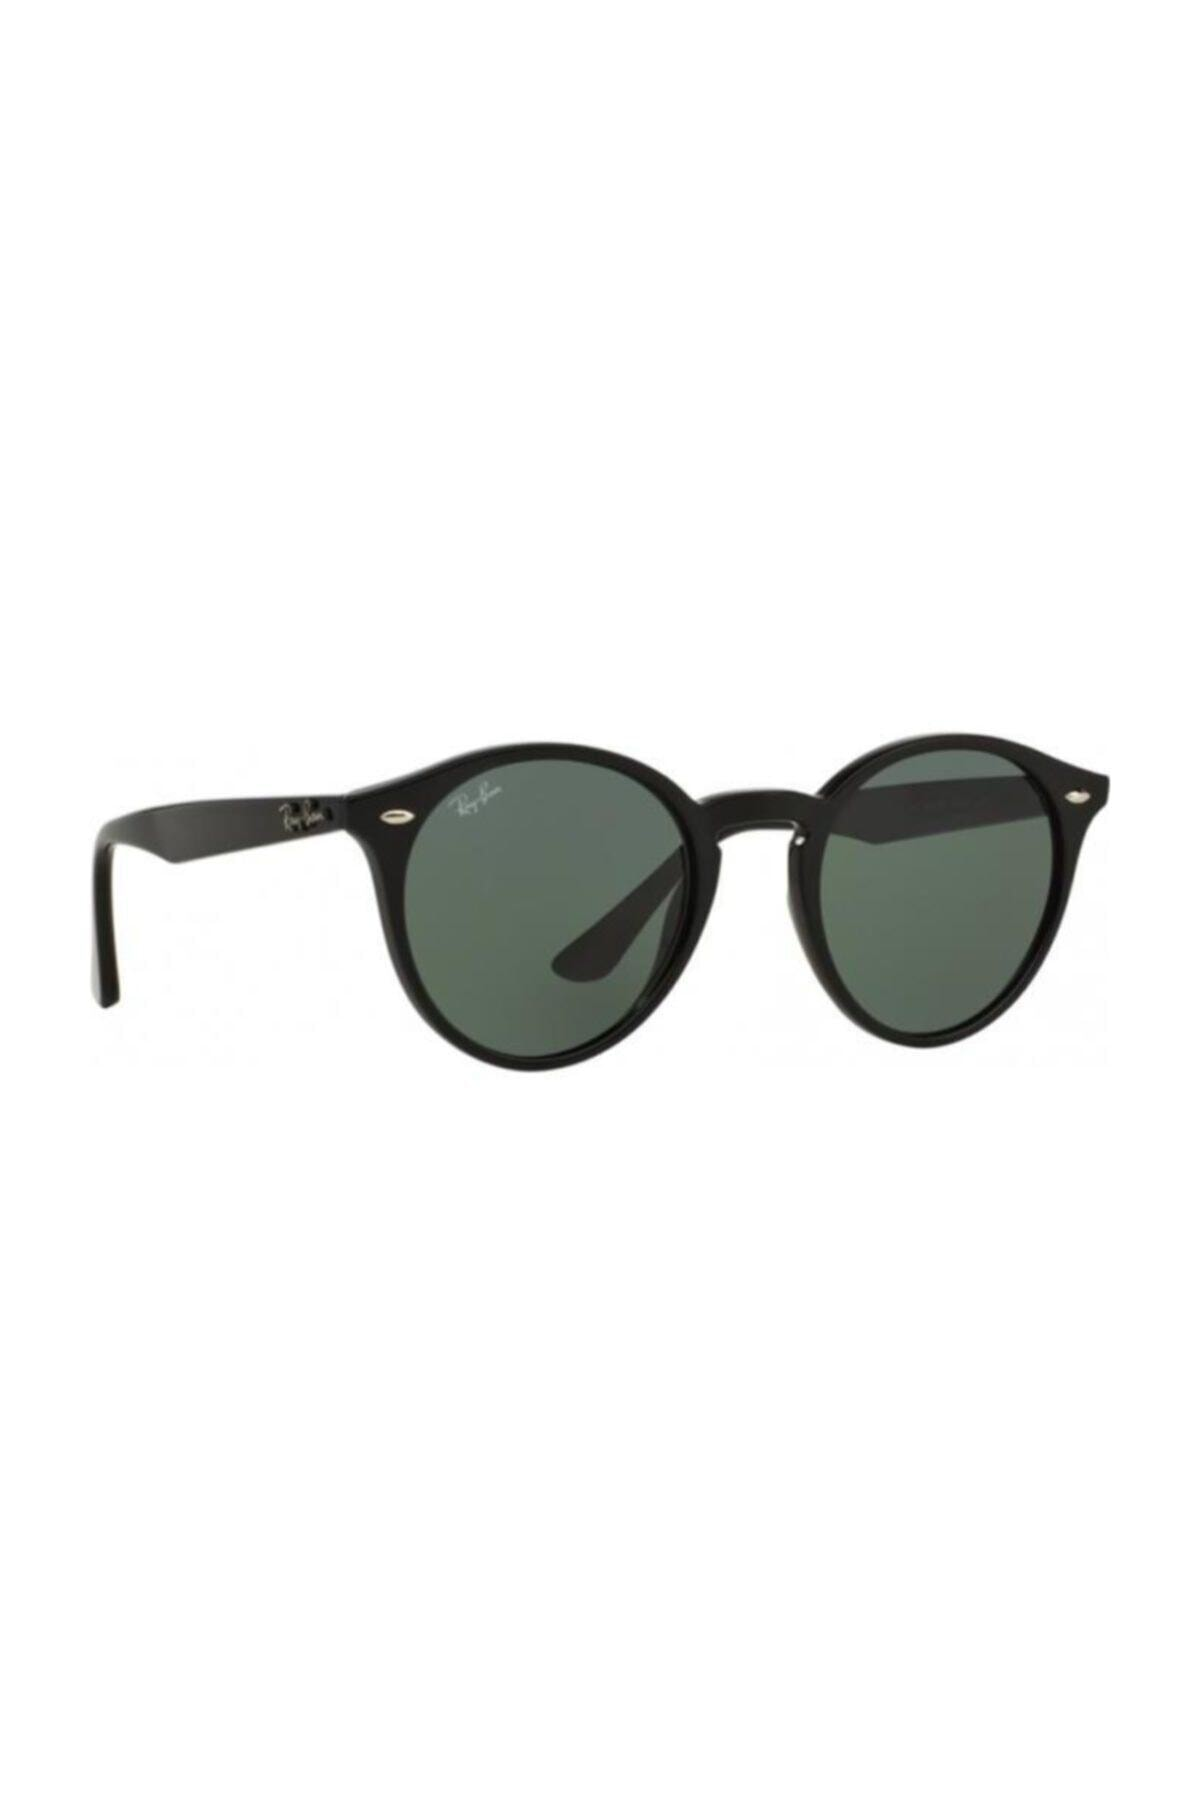 فروشگاه عینک آفتابی مردانه تابستانی برند ری بن کد ty731641